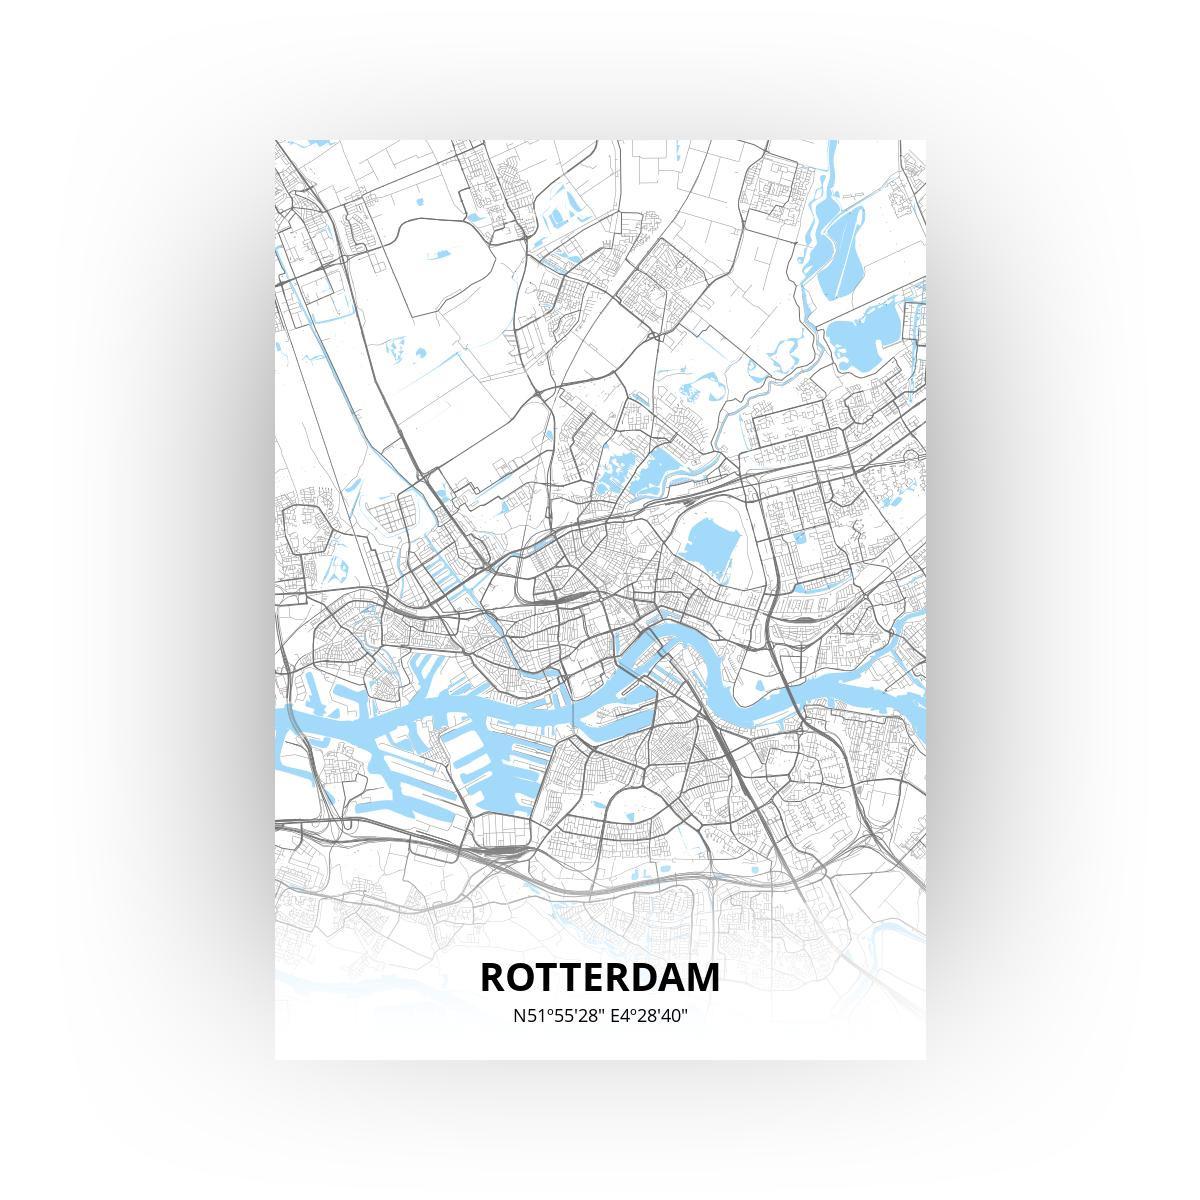 Rotterdam poster - Zelf aan te passen!